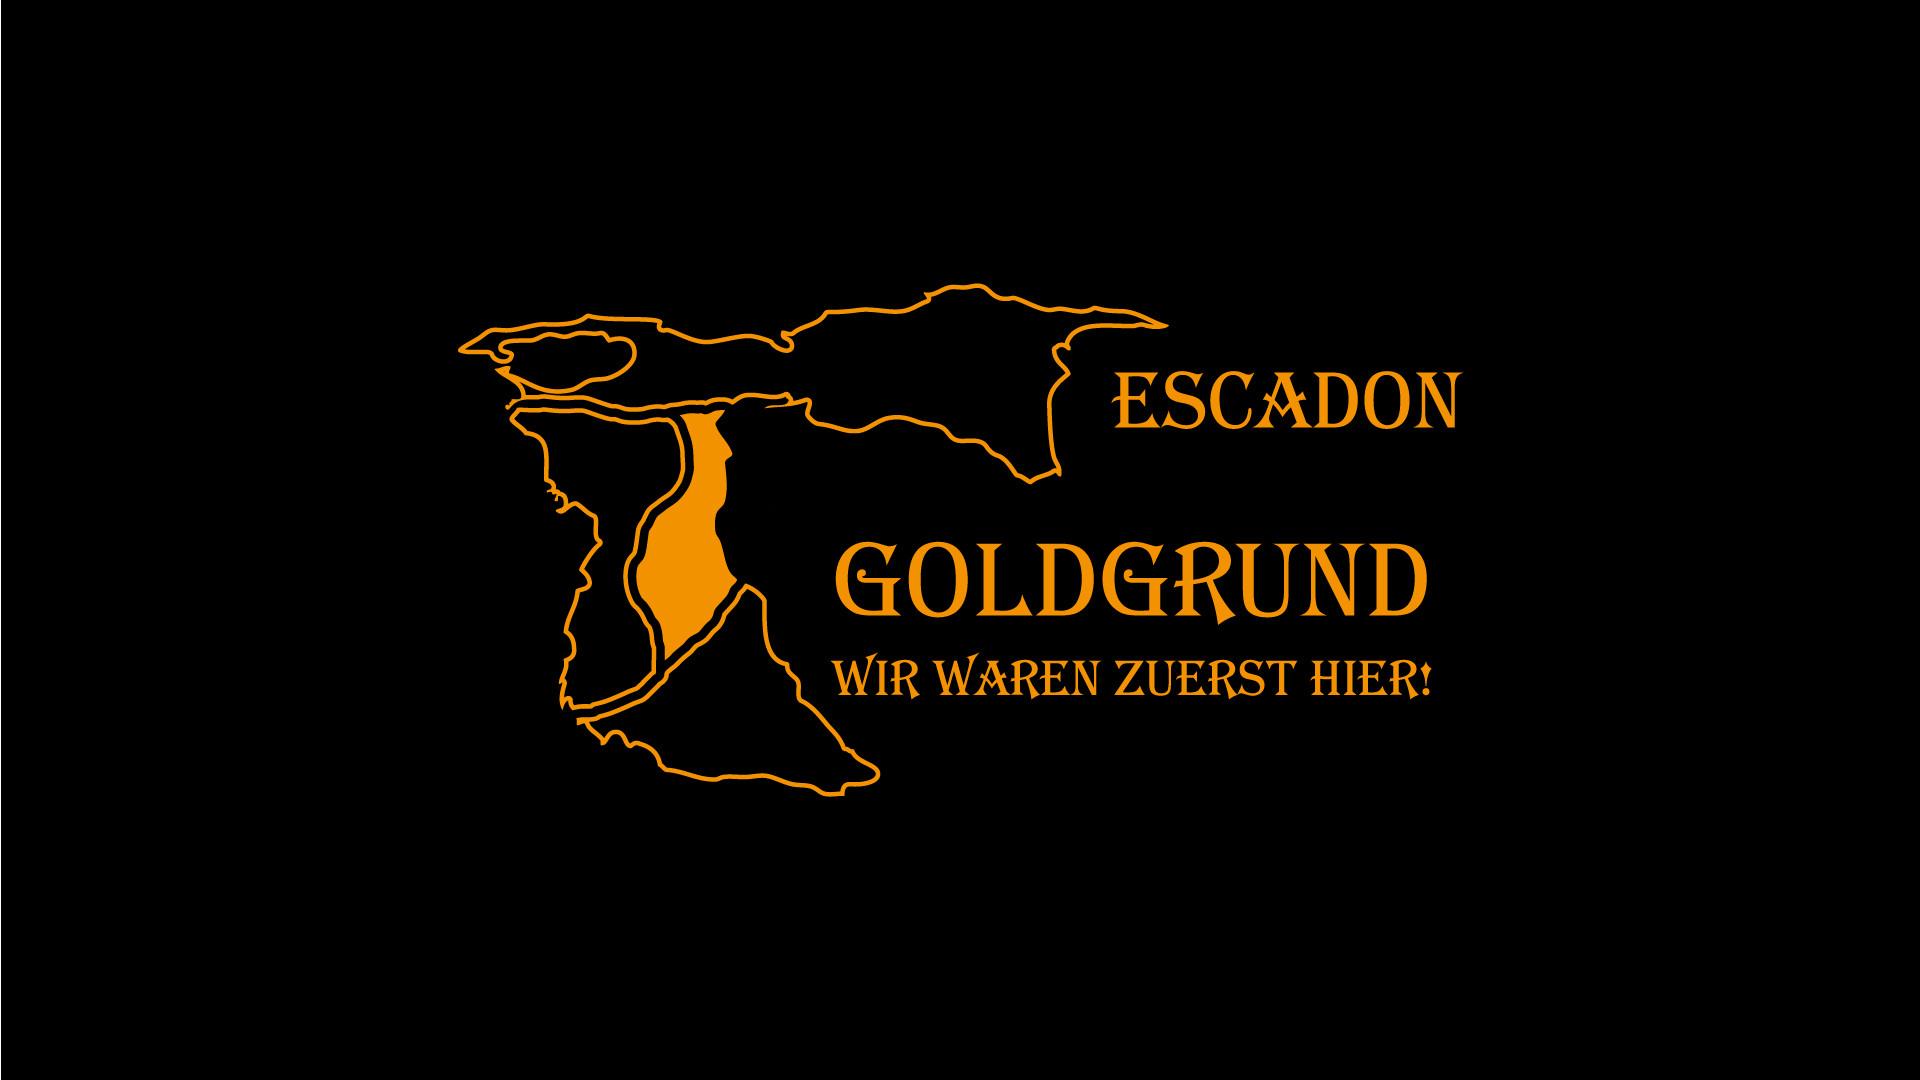 Res: 1920x1080, Goldgrund Wallpaper HD